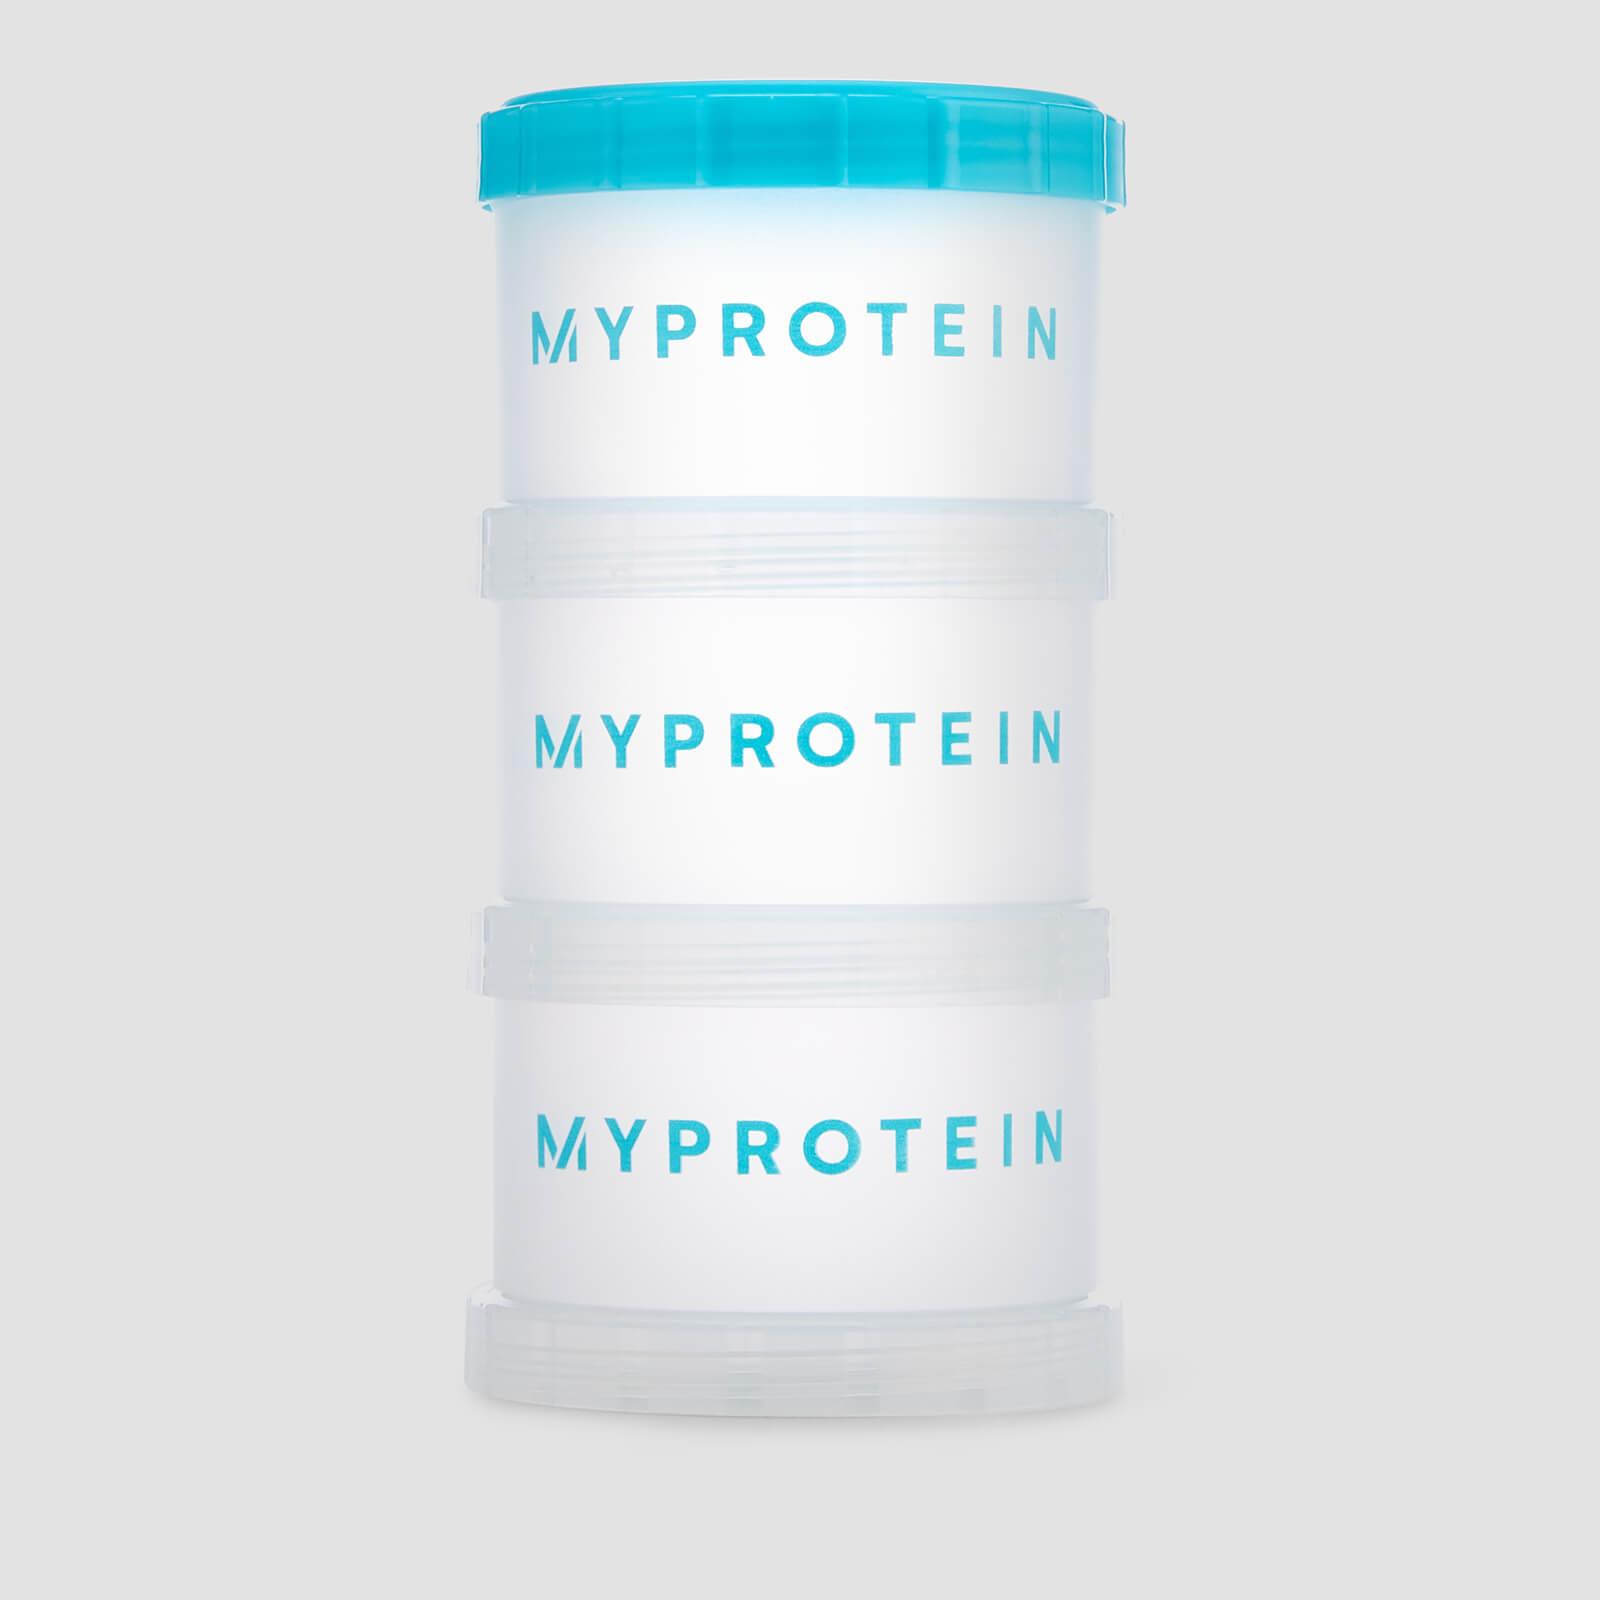 Full Size of Aufbewahrungsbehlter Fr Nahrungsergnzungsmittel Kaufen Myprotein Aufbewahrungsbehälter Küche Wohnzimmer Aufbewahrungsbehälter